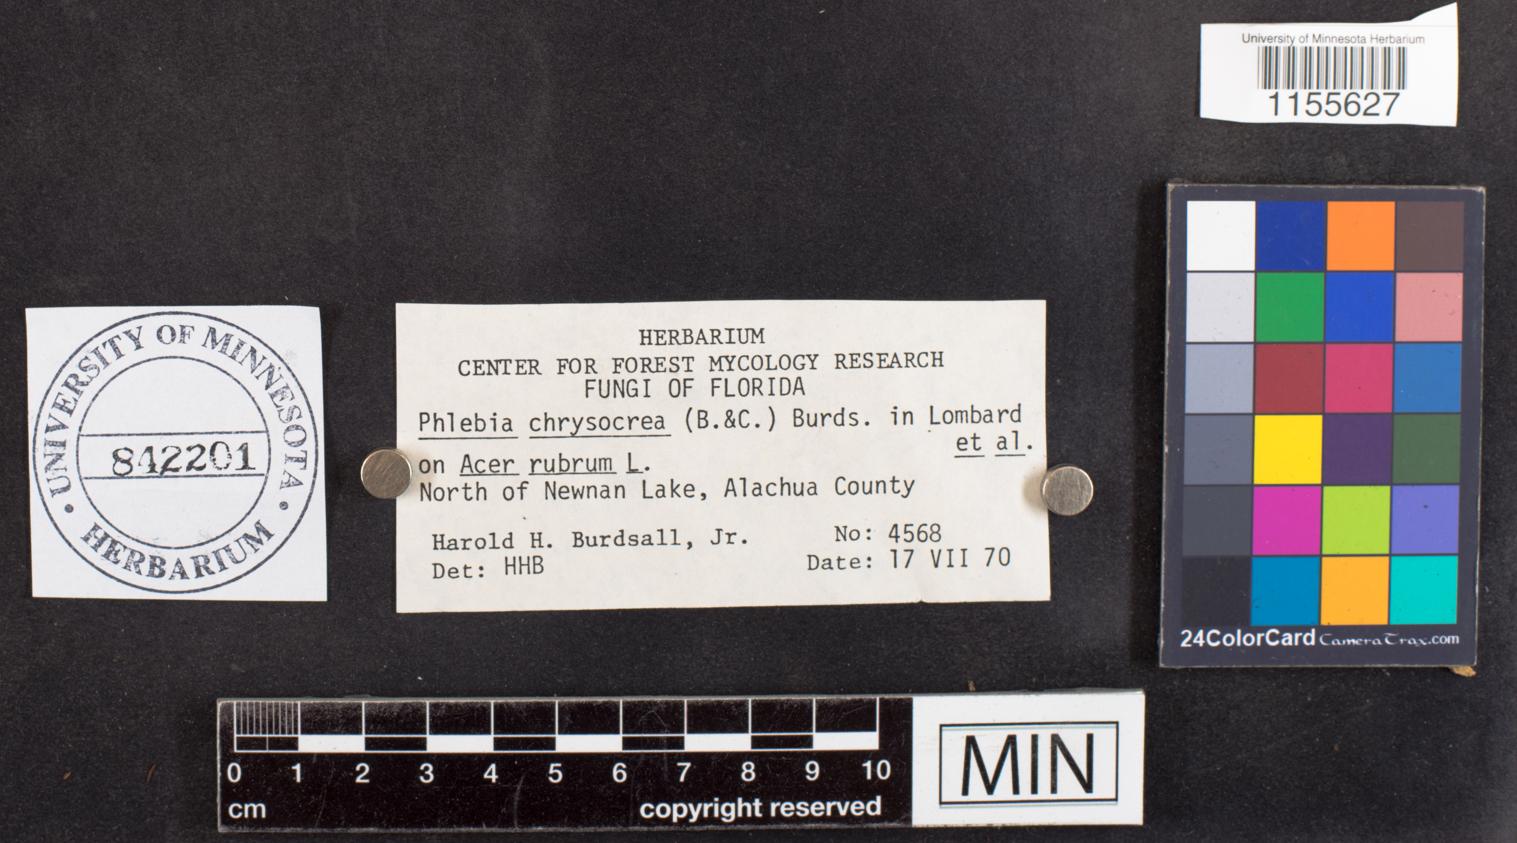 Phlebia chrysocrea image